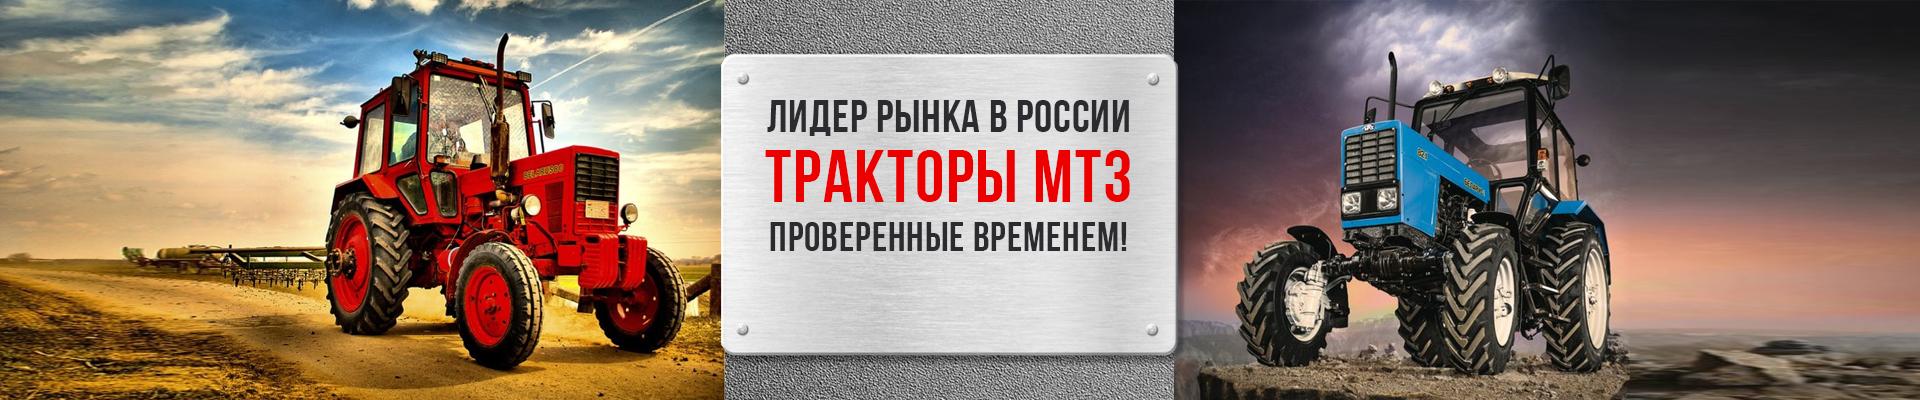 Купить садовый трактор в Москве